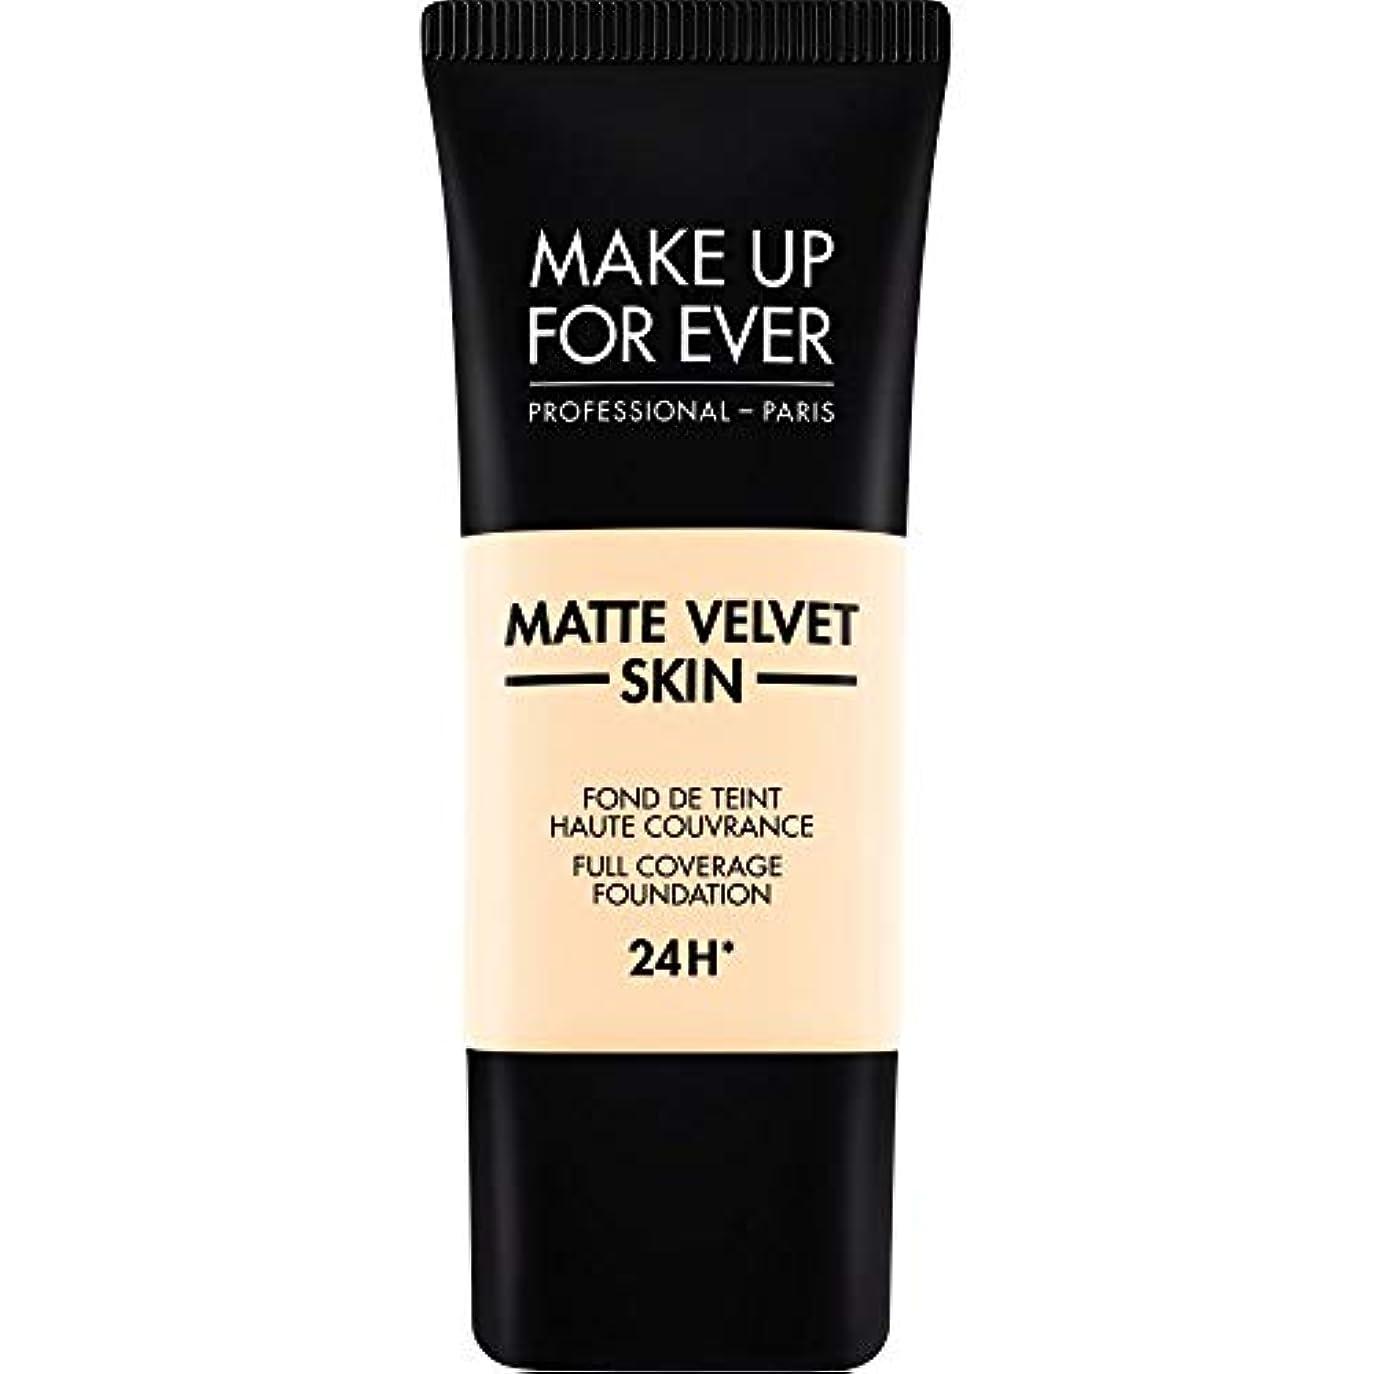 欠伸笑主張する[MAKE UP FOR EVER] これまでマットベルベットの皮膚のフルカバレッジ基礎30ミリリットルのY205を補う - アラバスター - MAKE UP FOR EVER Matte Velvet Skin Full Coverage Foundation 30ml Y205 - Alabaster [並行輸入品]